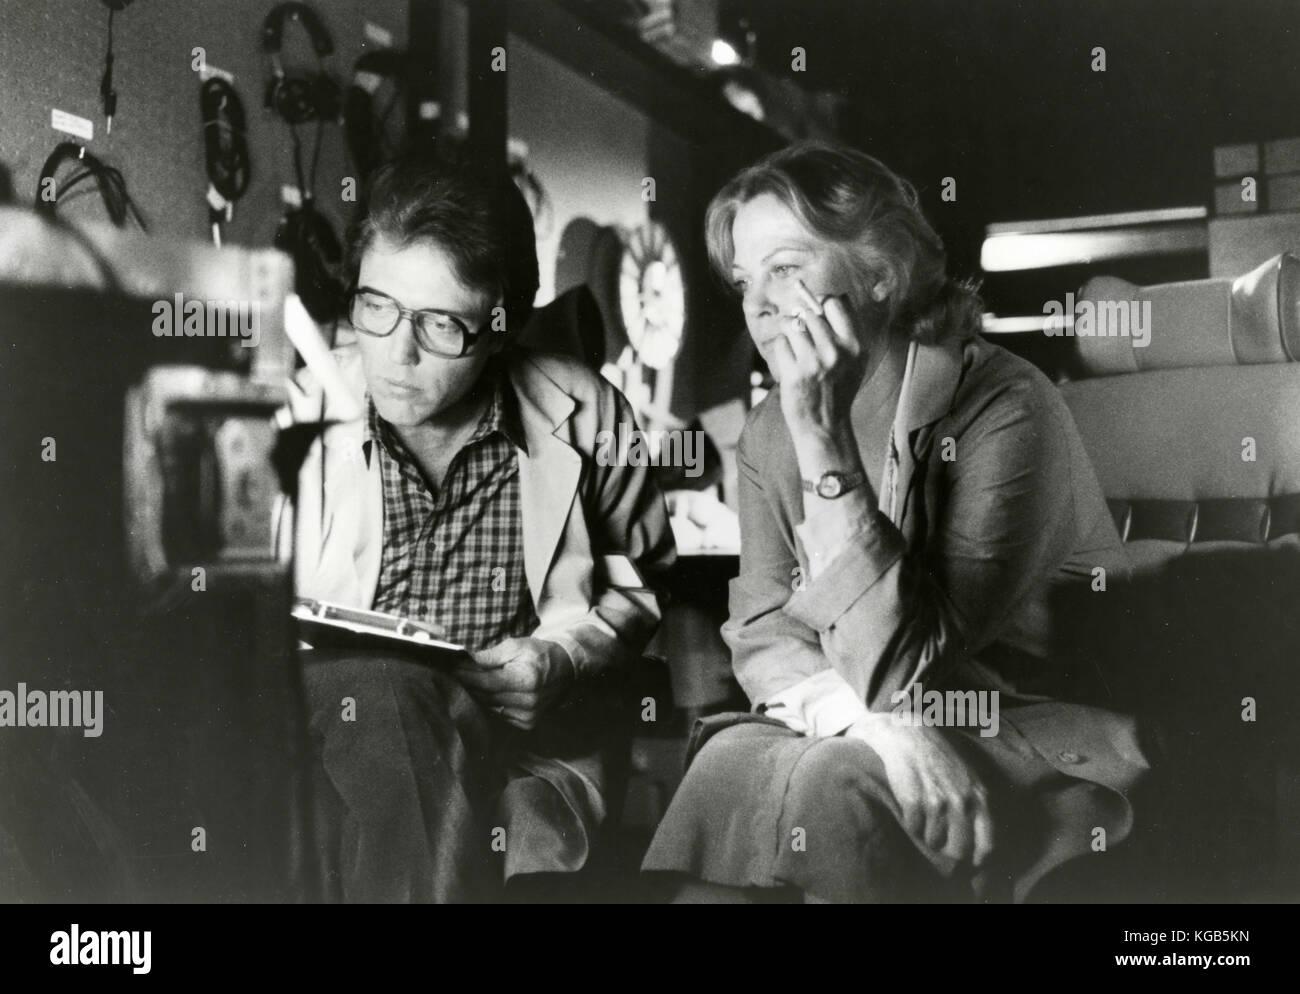 Acteurs Christopher Walken et Louise Fletcher dans le film remue-méninges, 1983 Photo Stock